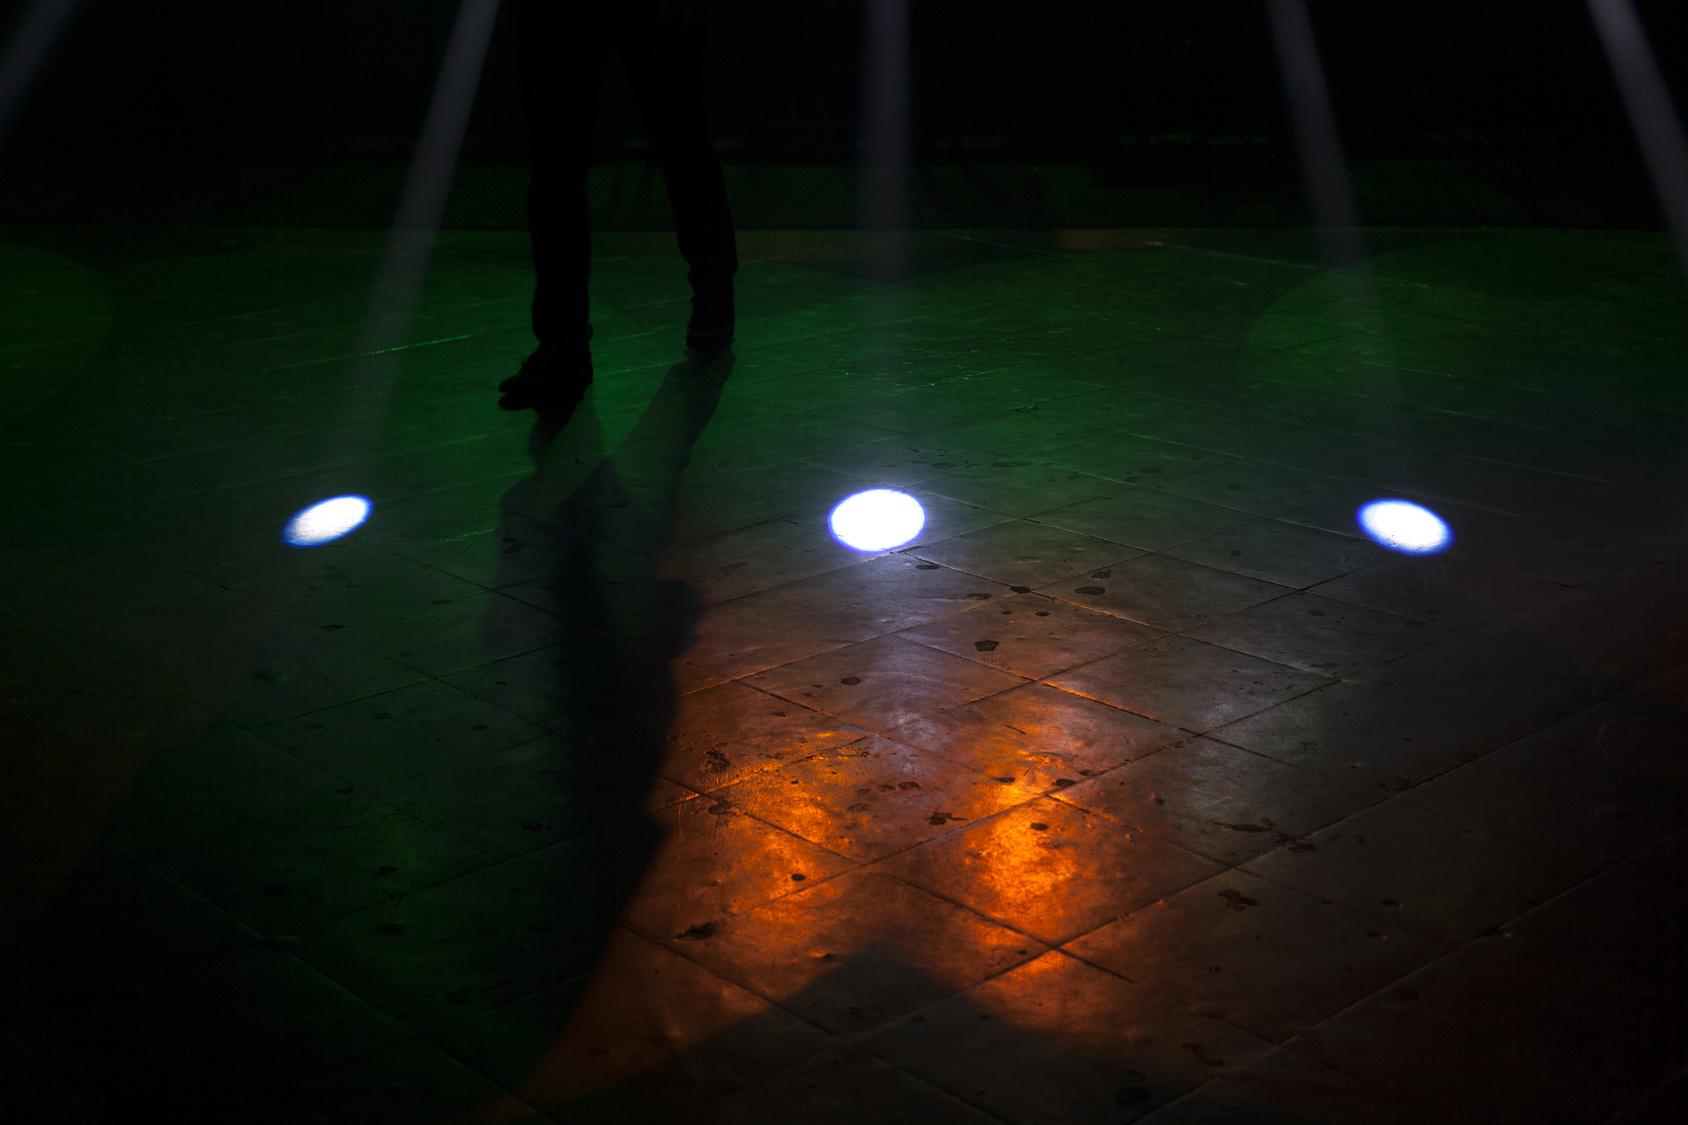 週末灯り屋のくらげが、小劇場で芝居の照明やります